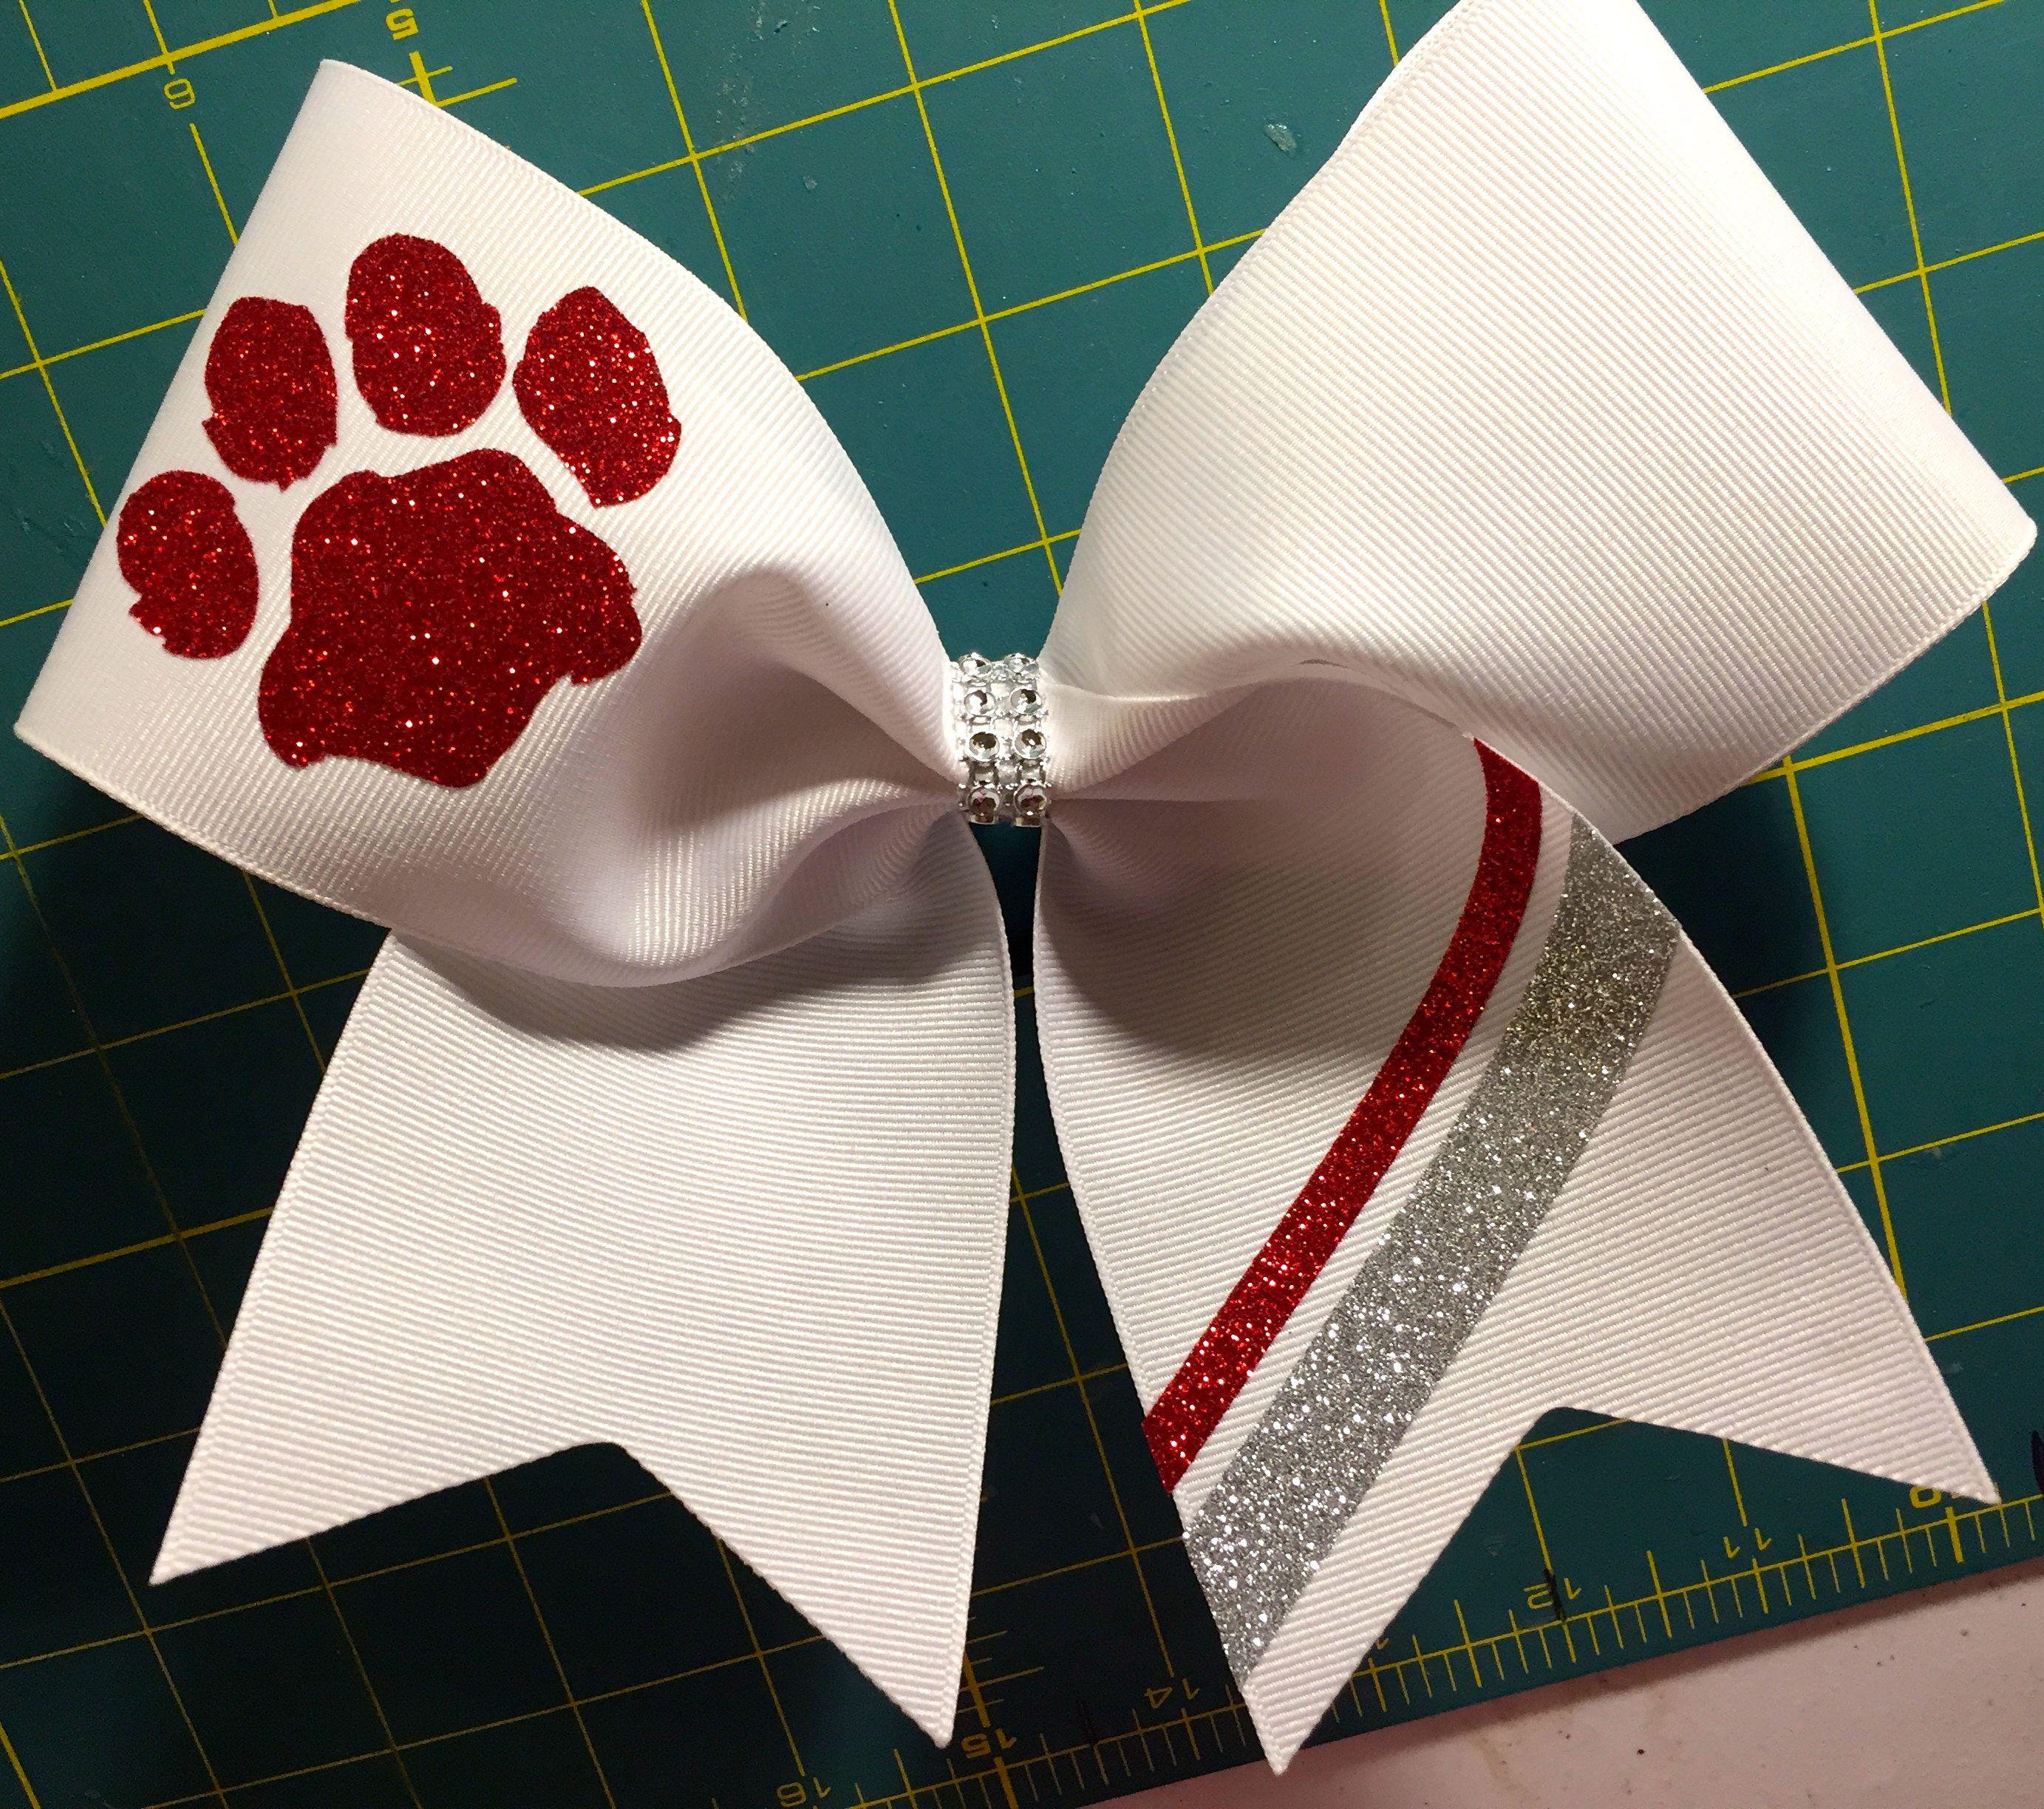 cheerleader Mascot strips